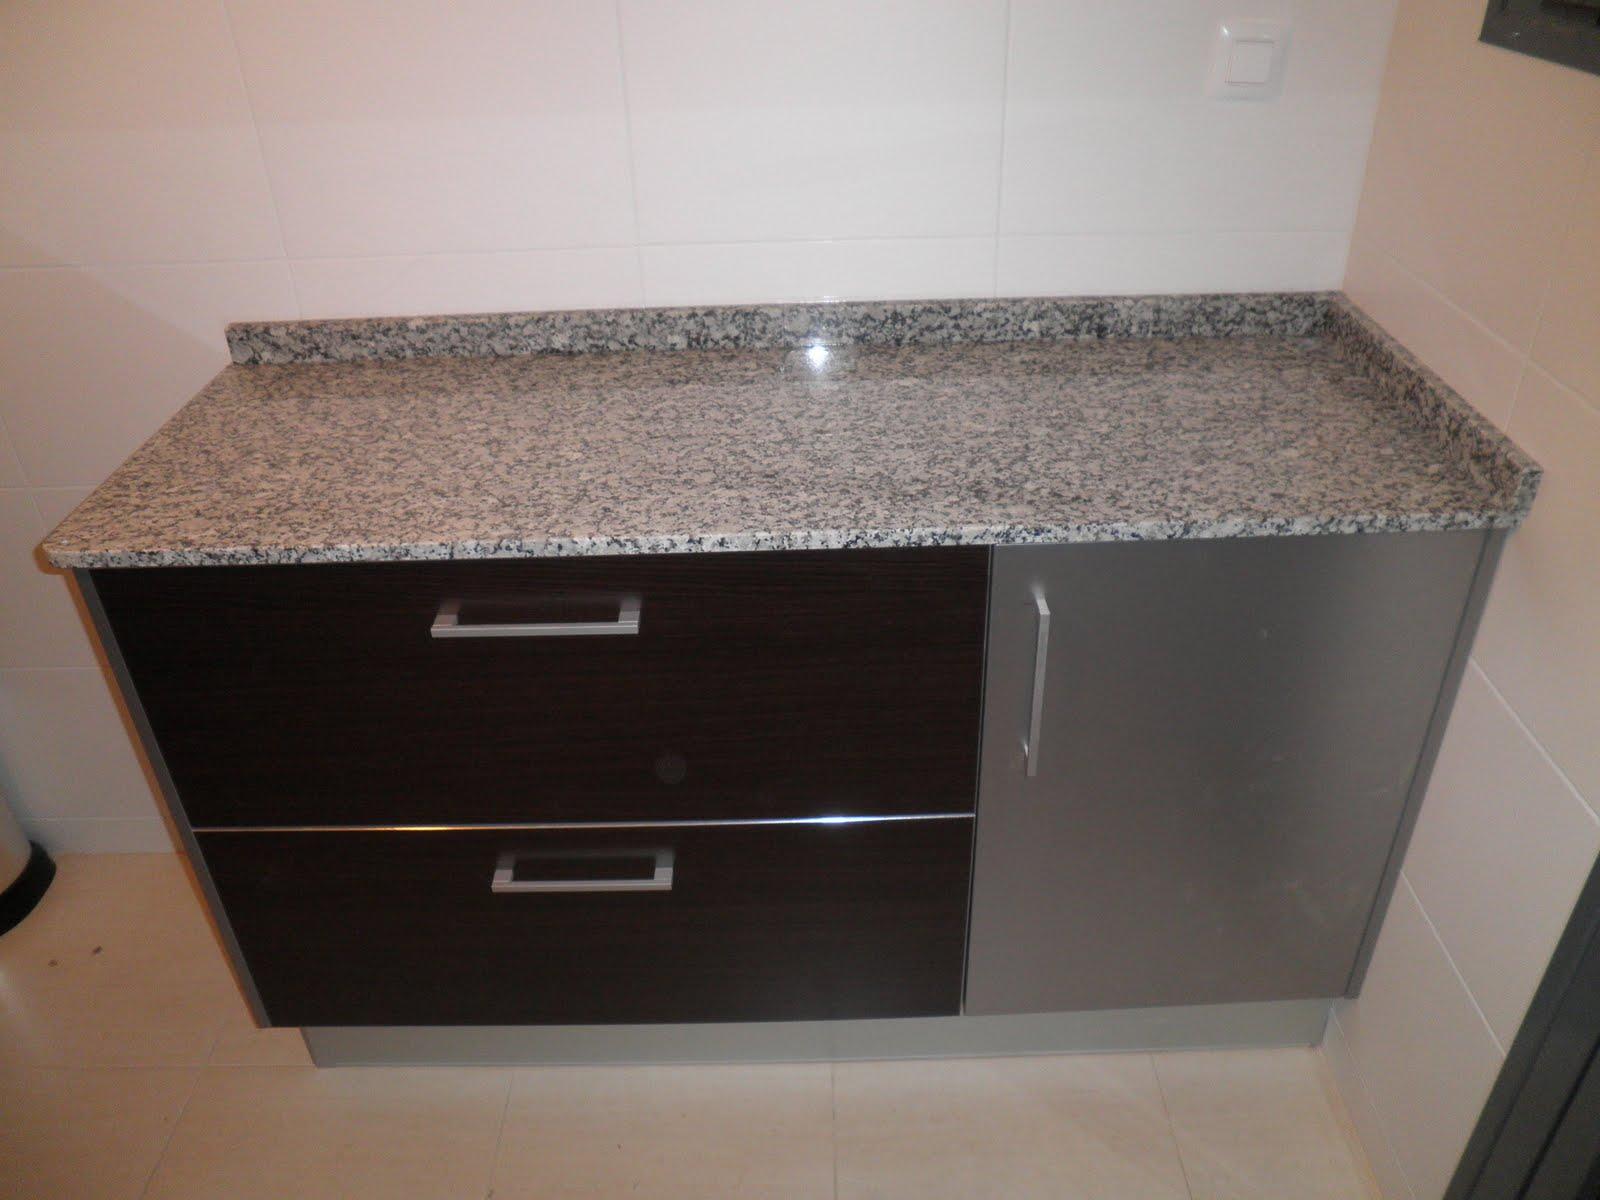 Decoraciones Sahuquillo: Mueble de cocina wengue y aluminio